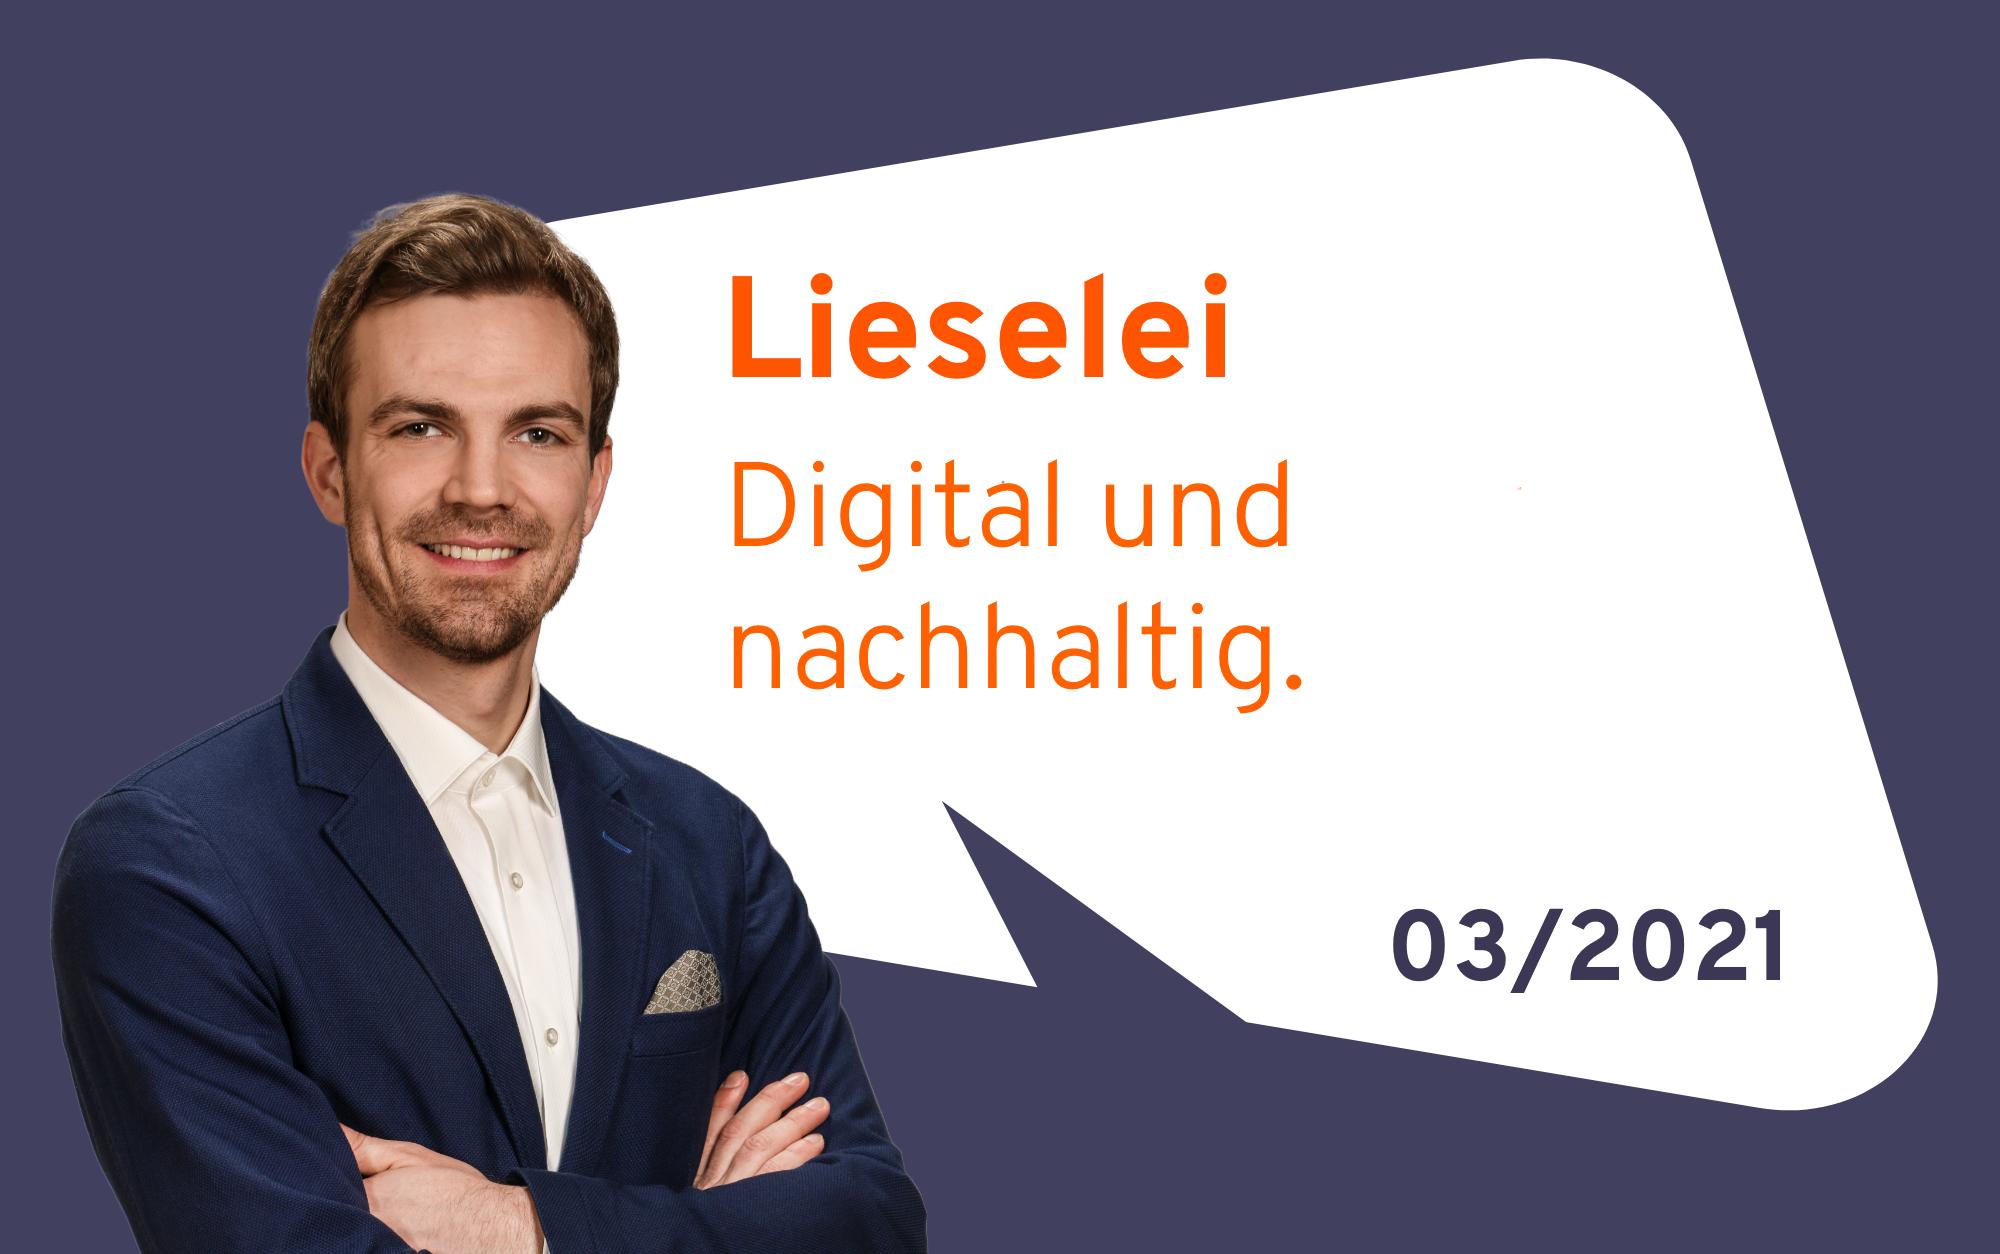 Lieselei – Digital Und Nachhaltig